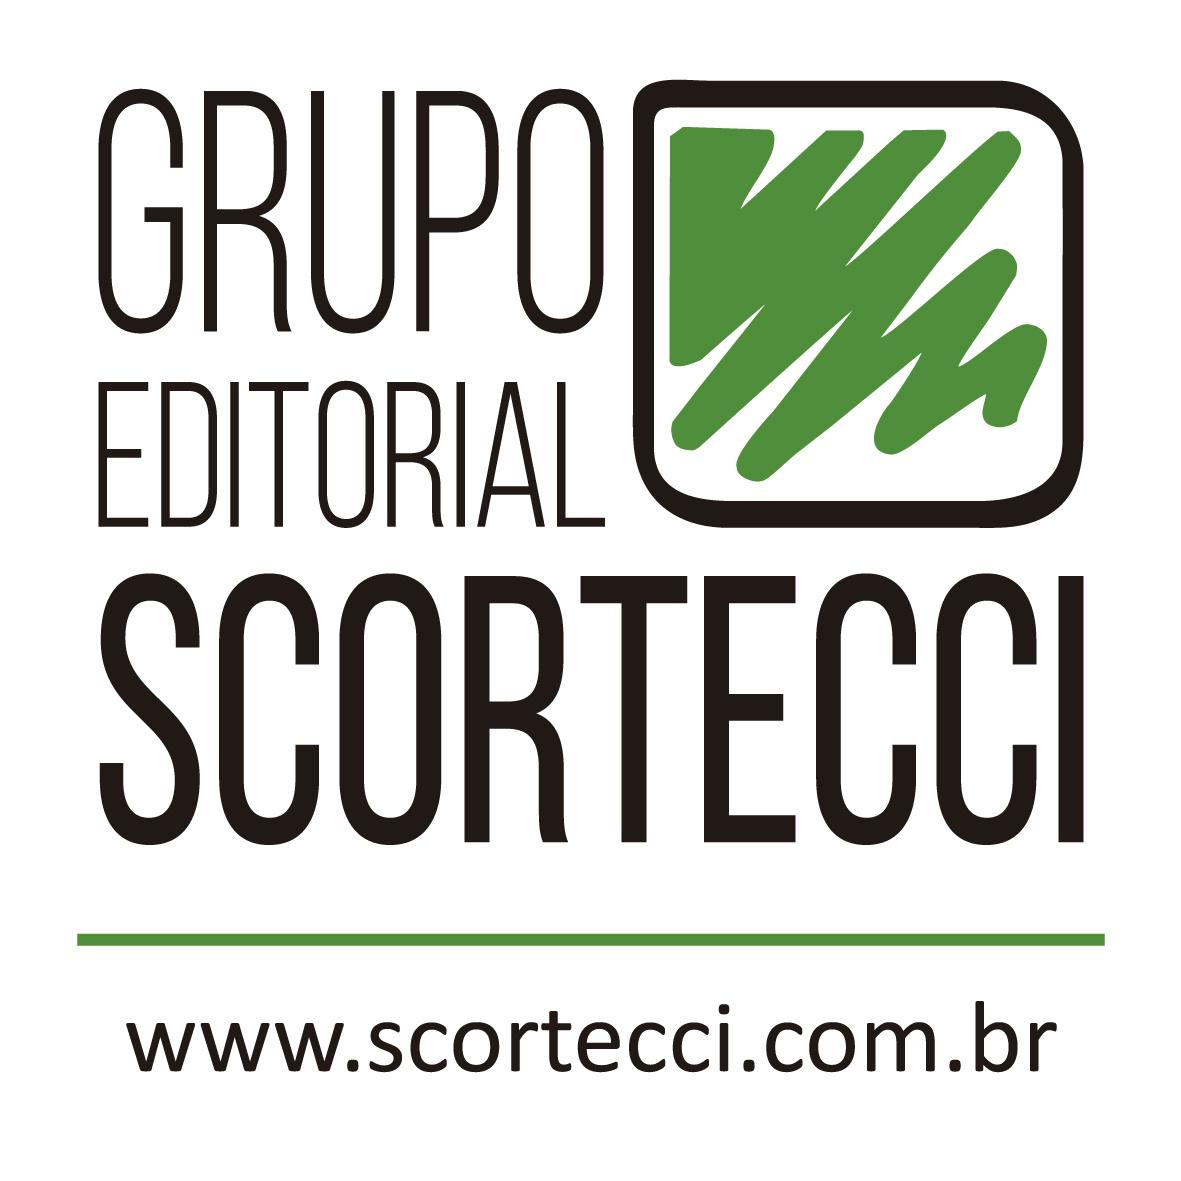 EDITORA SCORTECCI